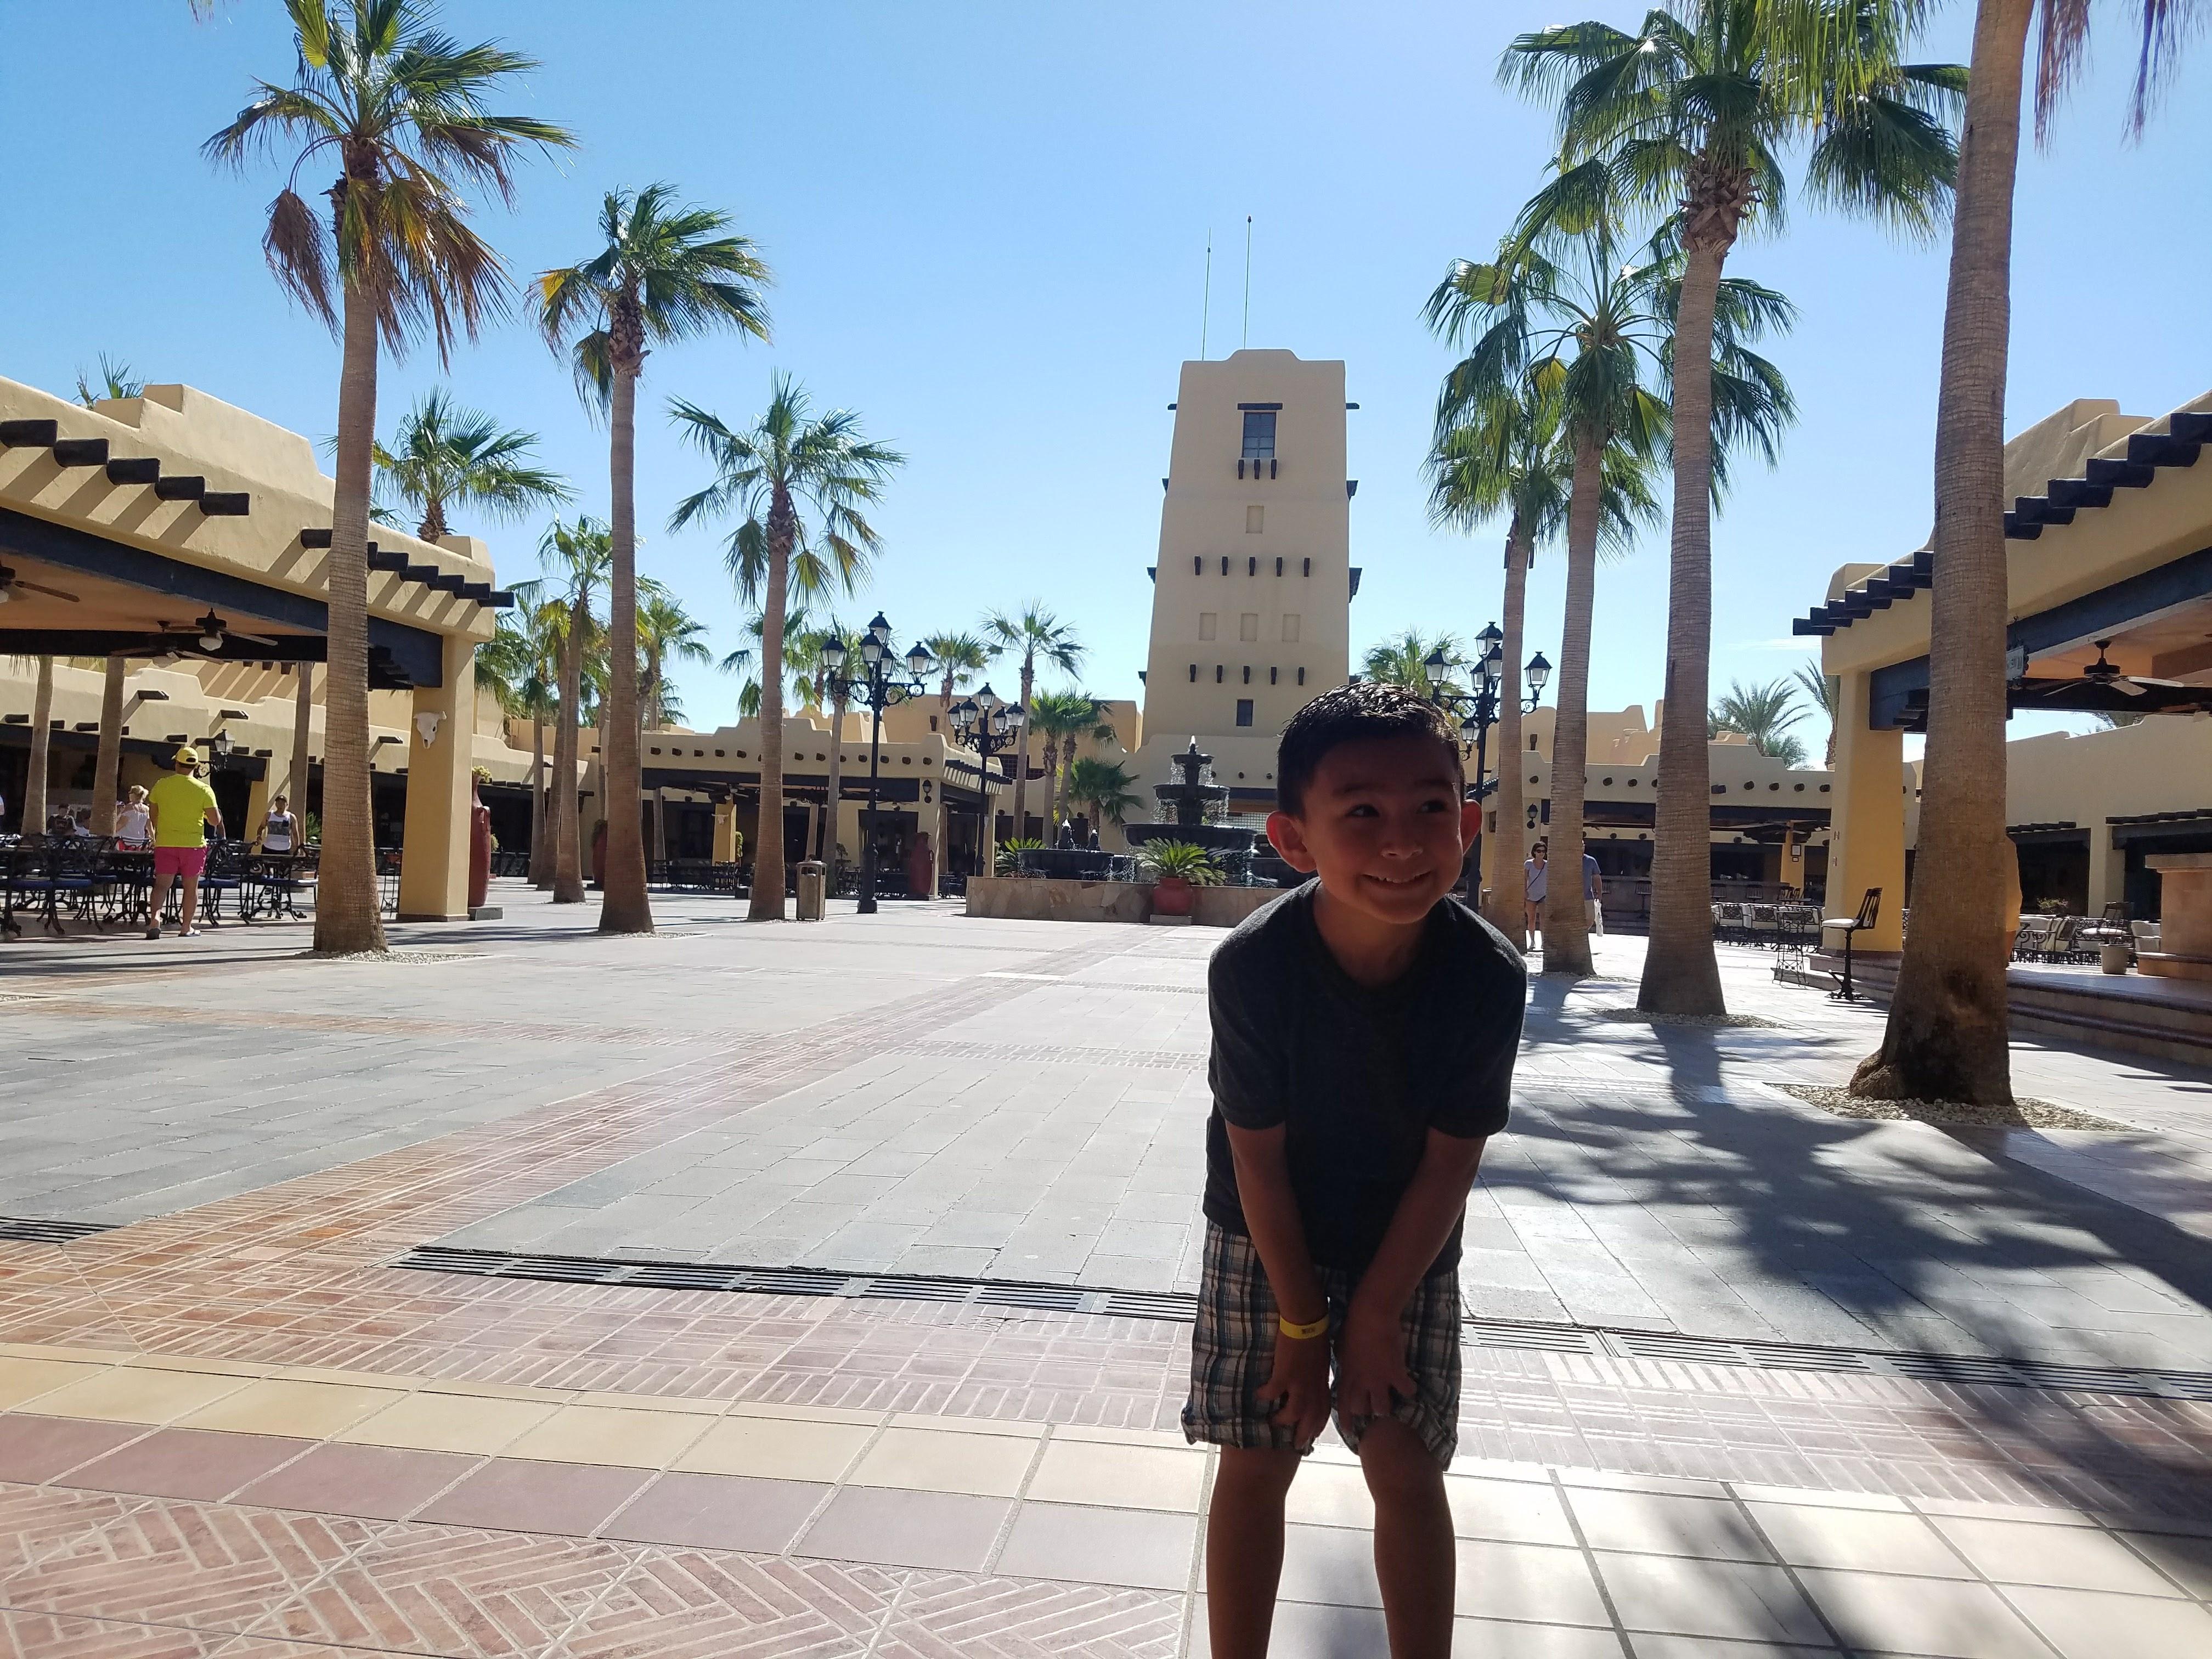 Main plaza at the hotel.